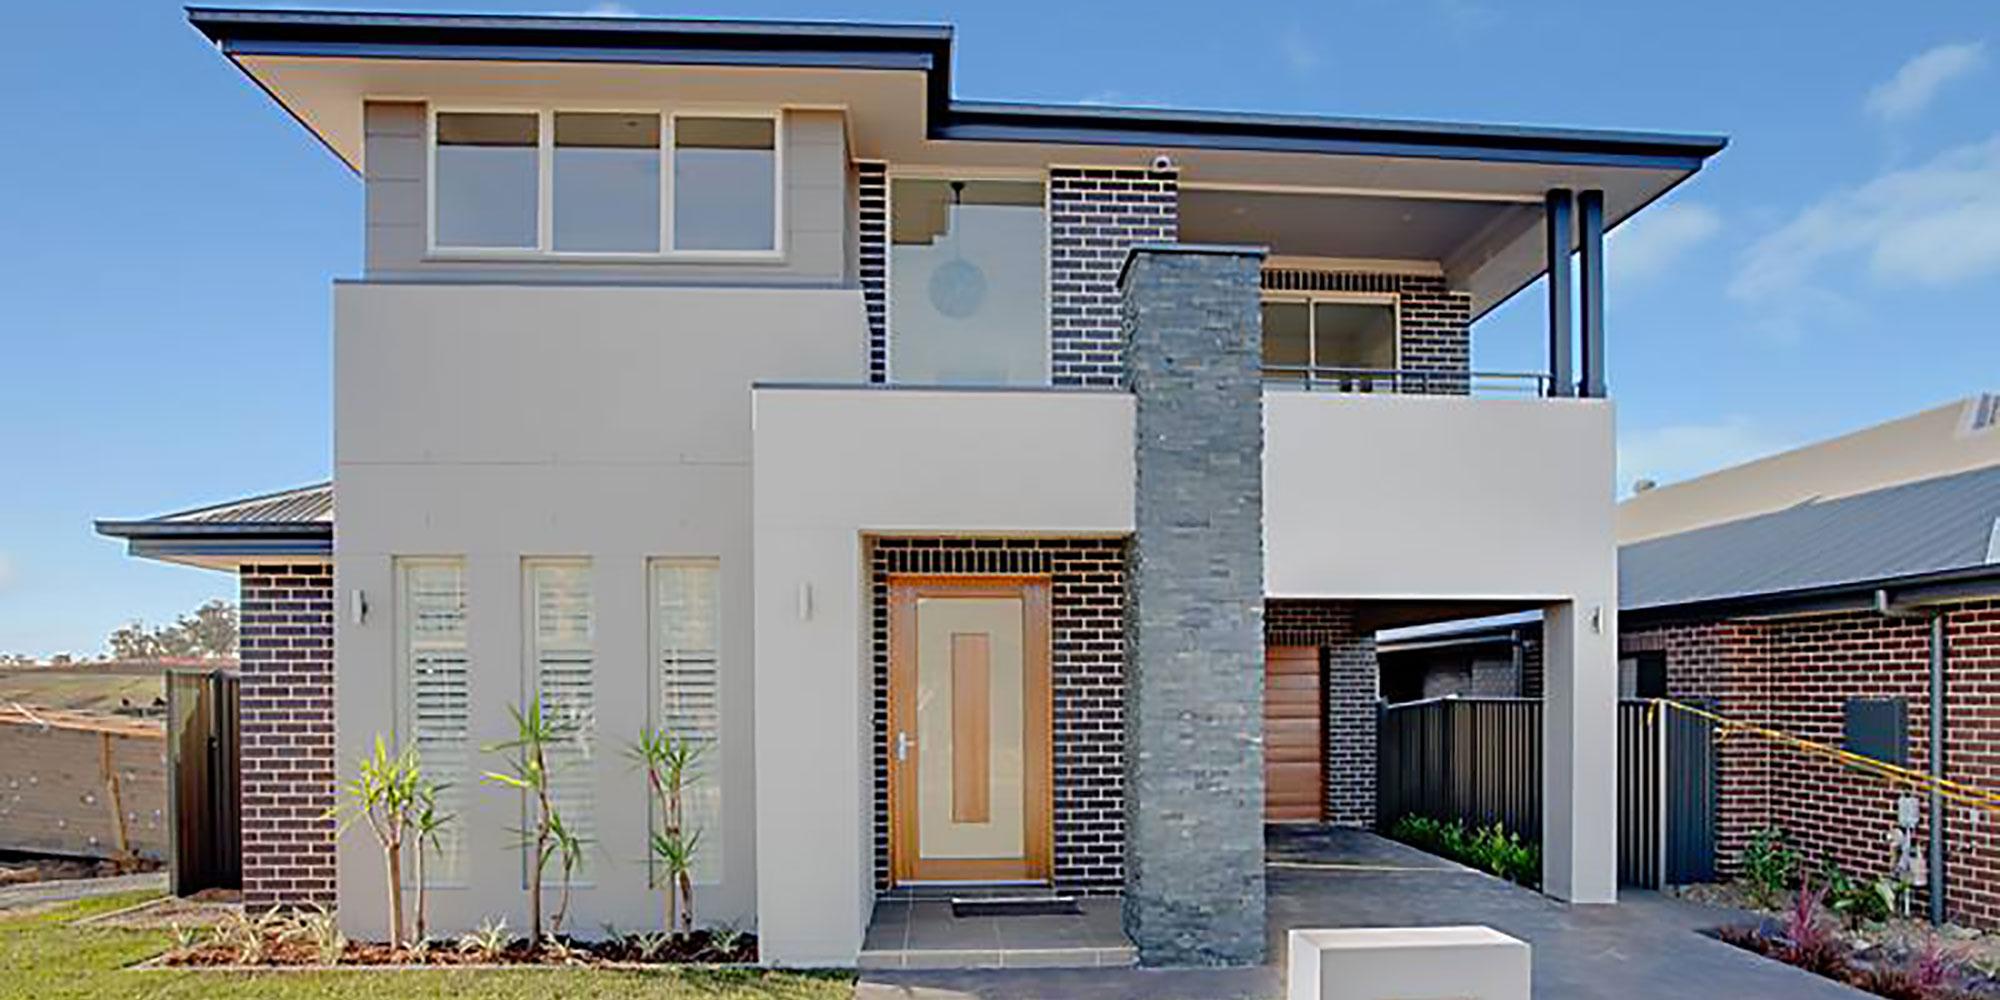 facades-1k-4